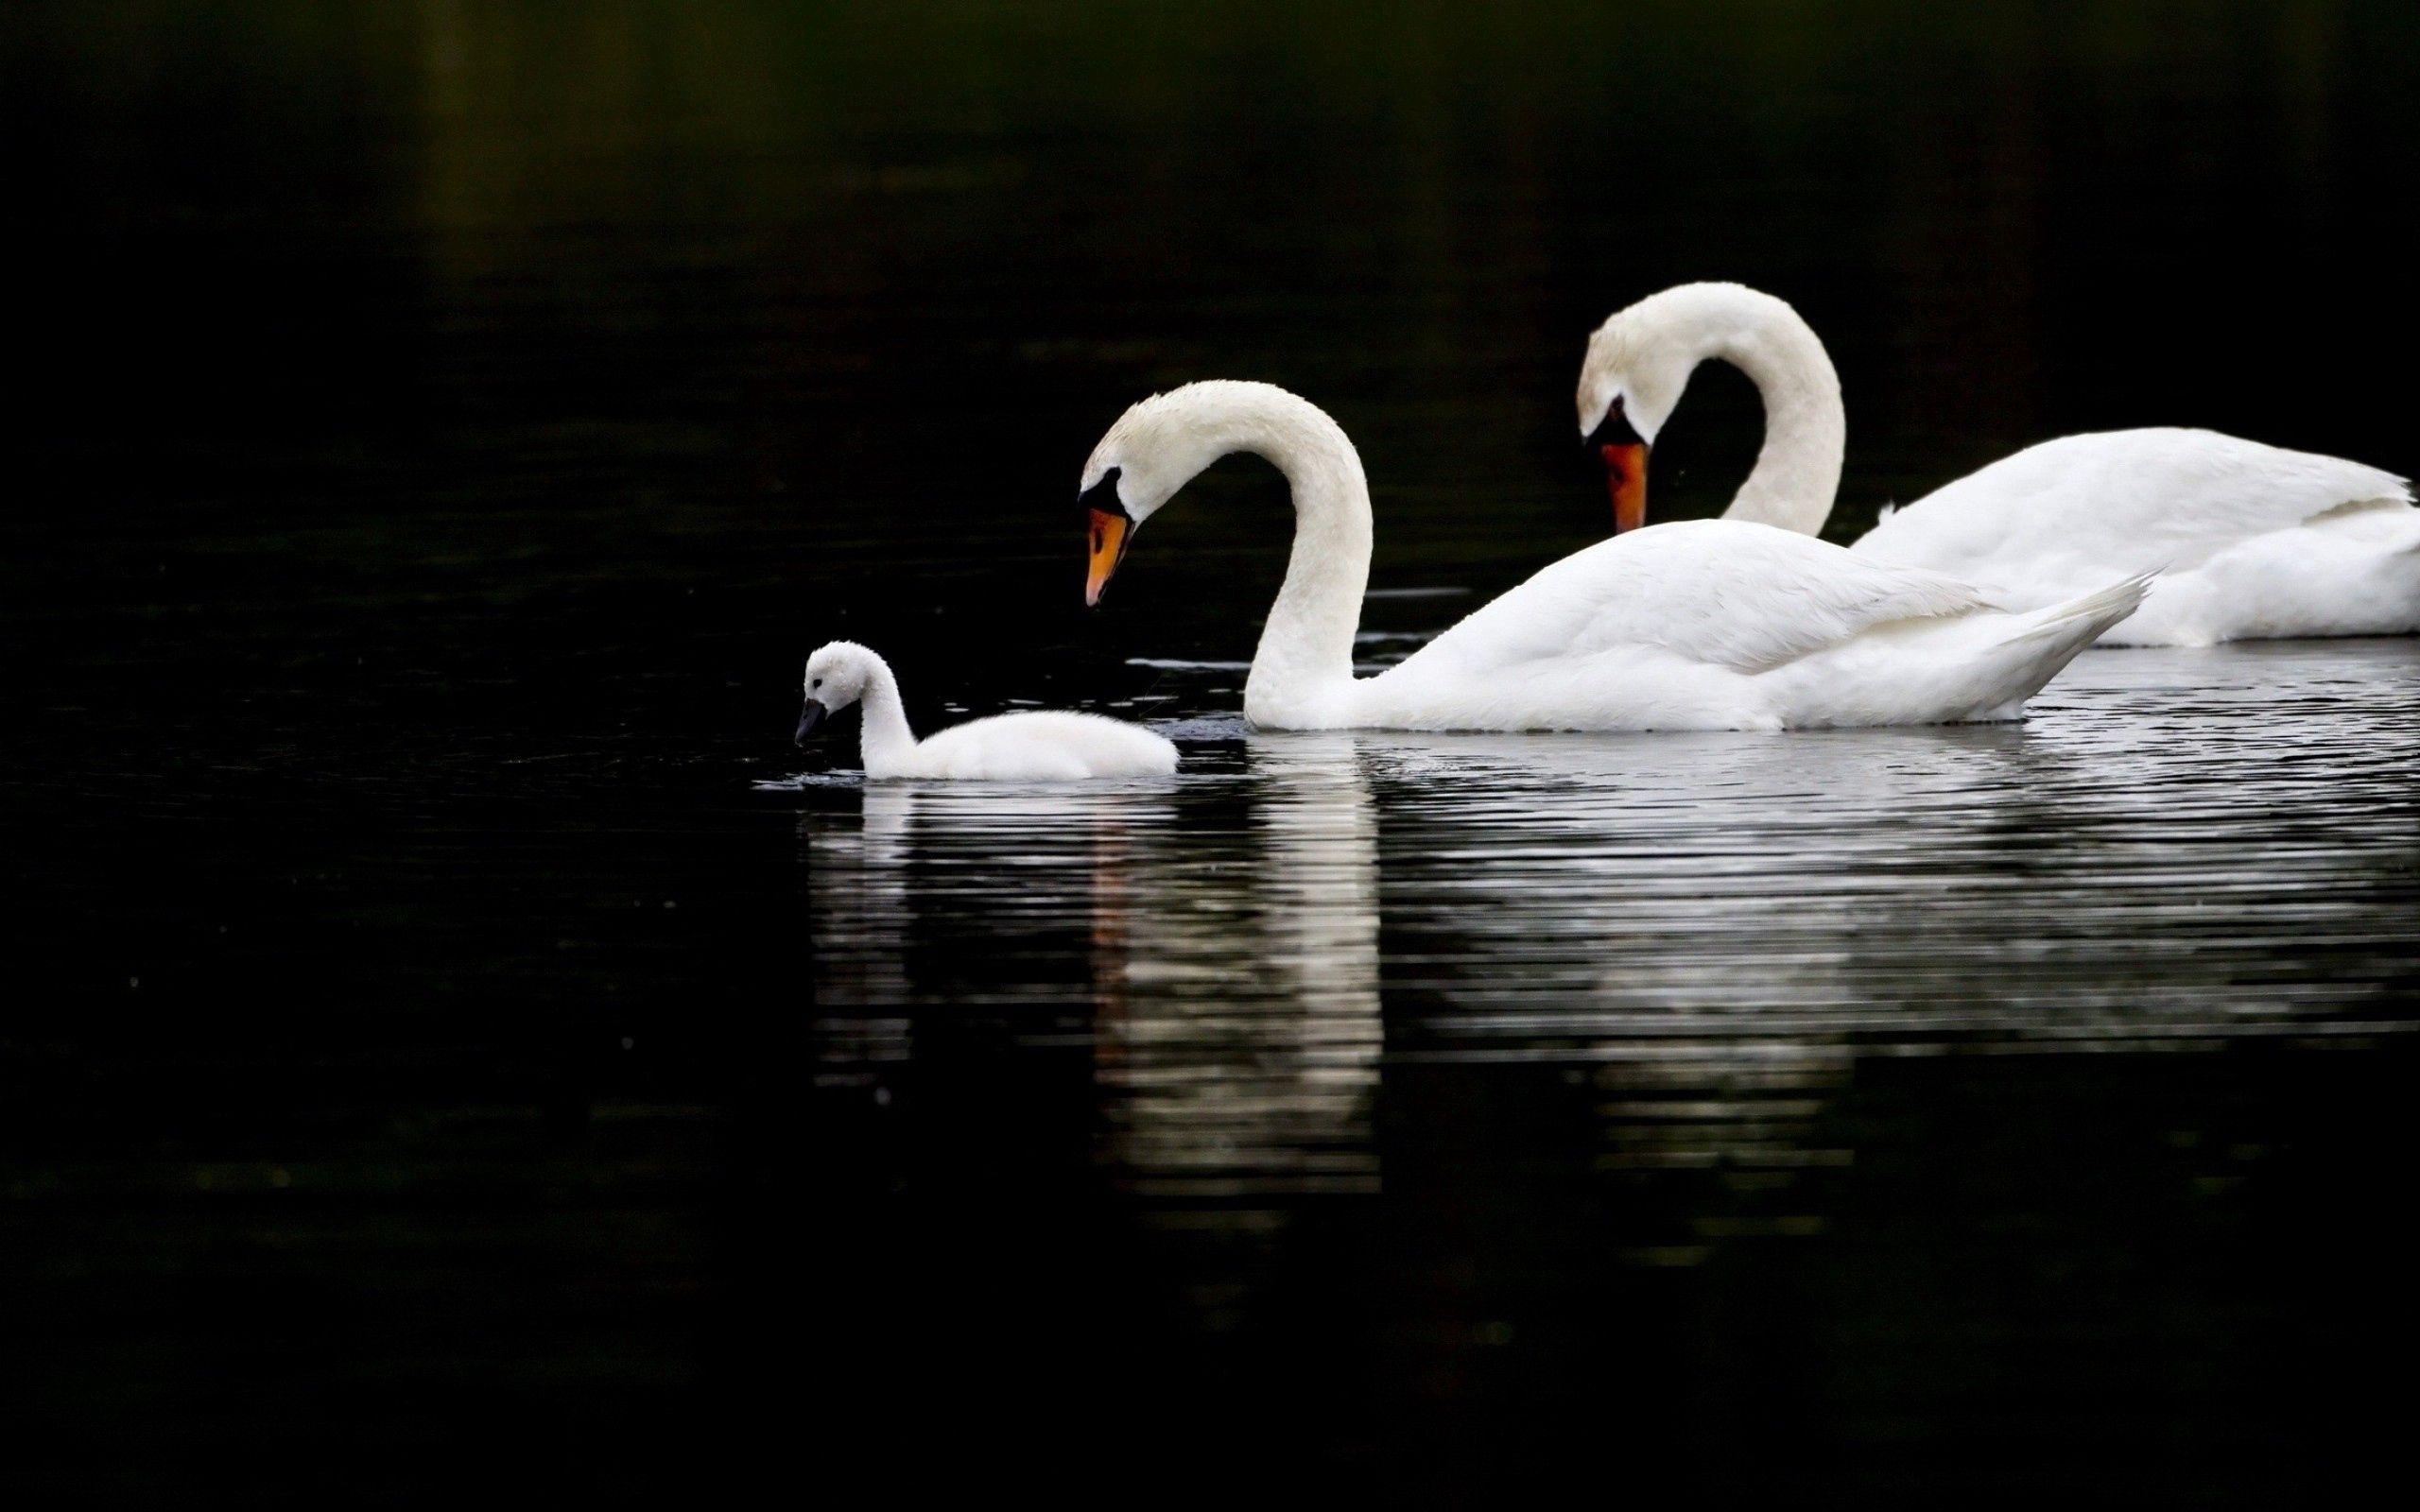 157491 Заставки и Обои Птицы на телефон. Скачать Лебеди, Птицы, Животные, Вода, Плавать картинки бесплатно